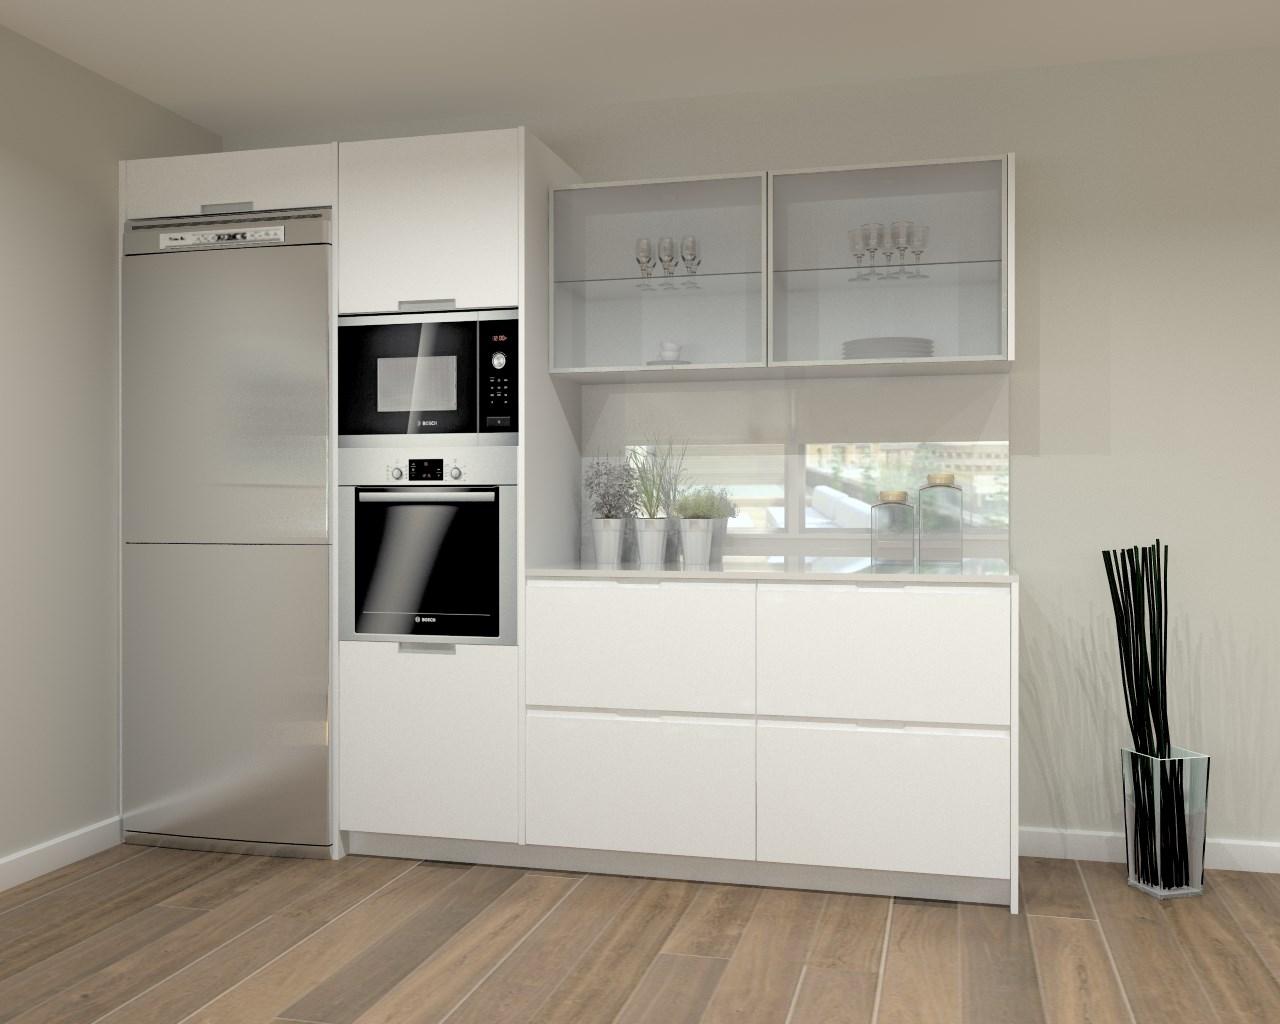 Cocina santos modelo intra laminado seda blanco encimera granito negro y silestone blanco - Encimera cocina granito ...